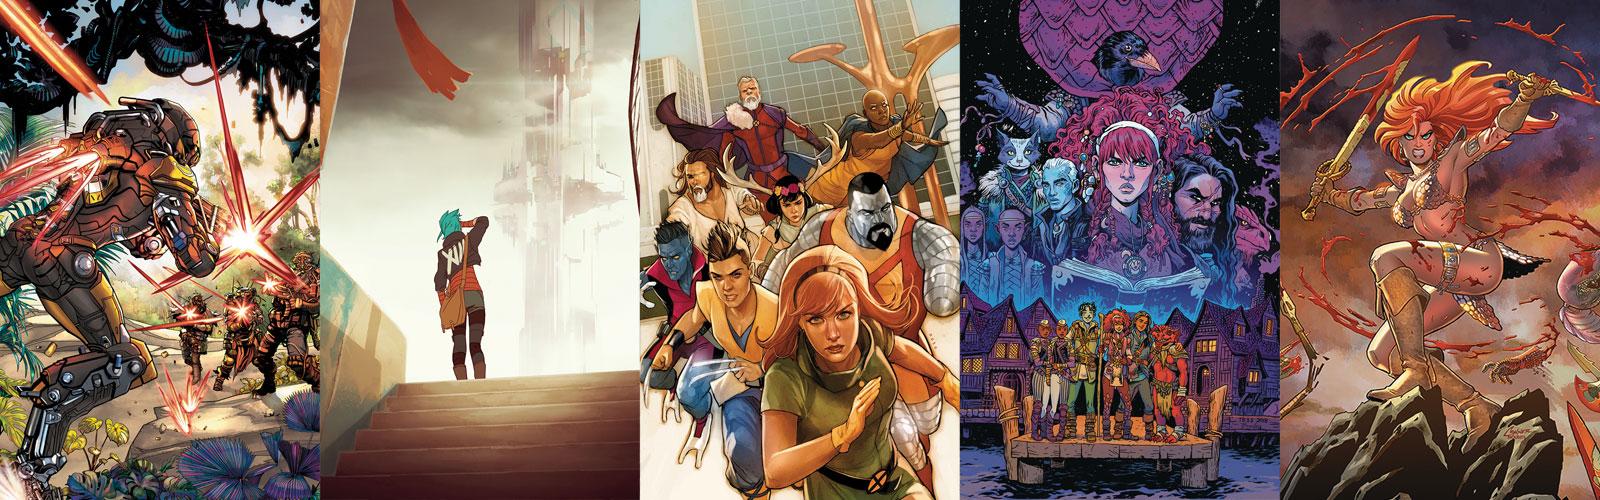 Ace Comics Advance Order List 363